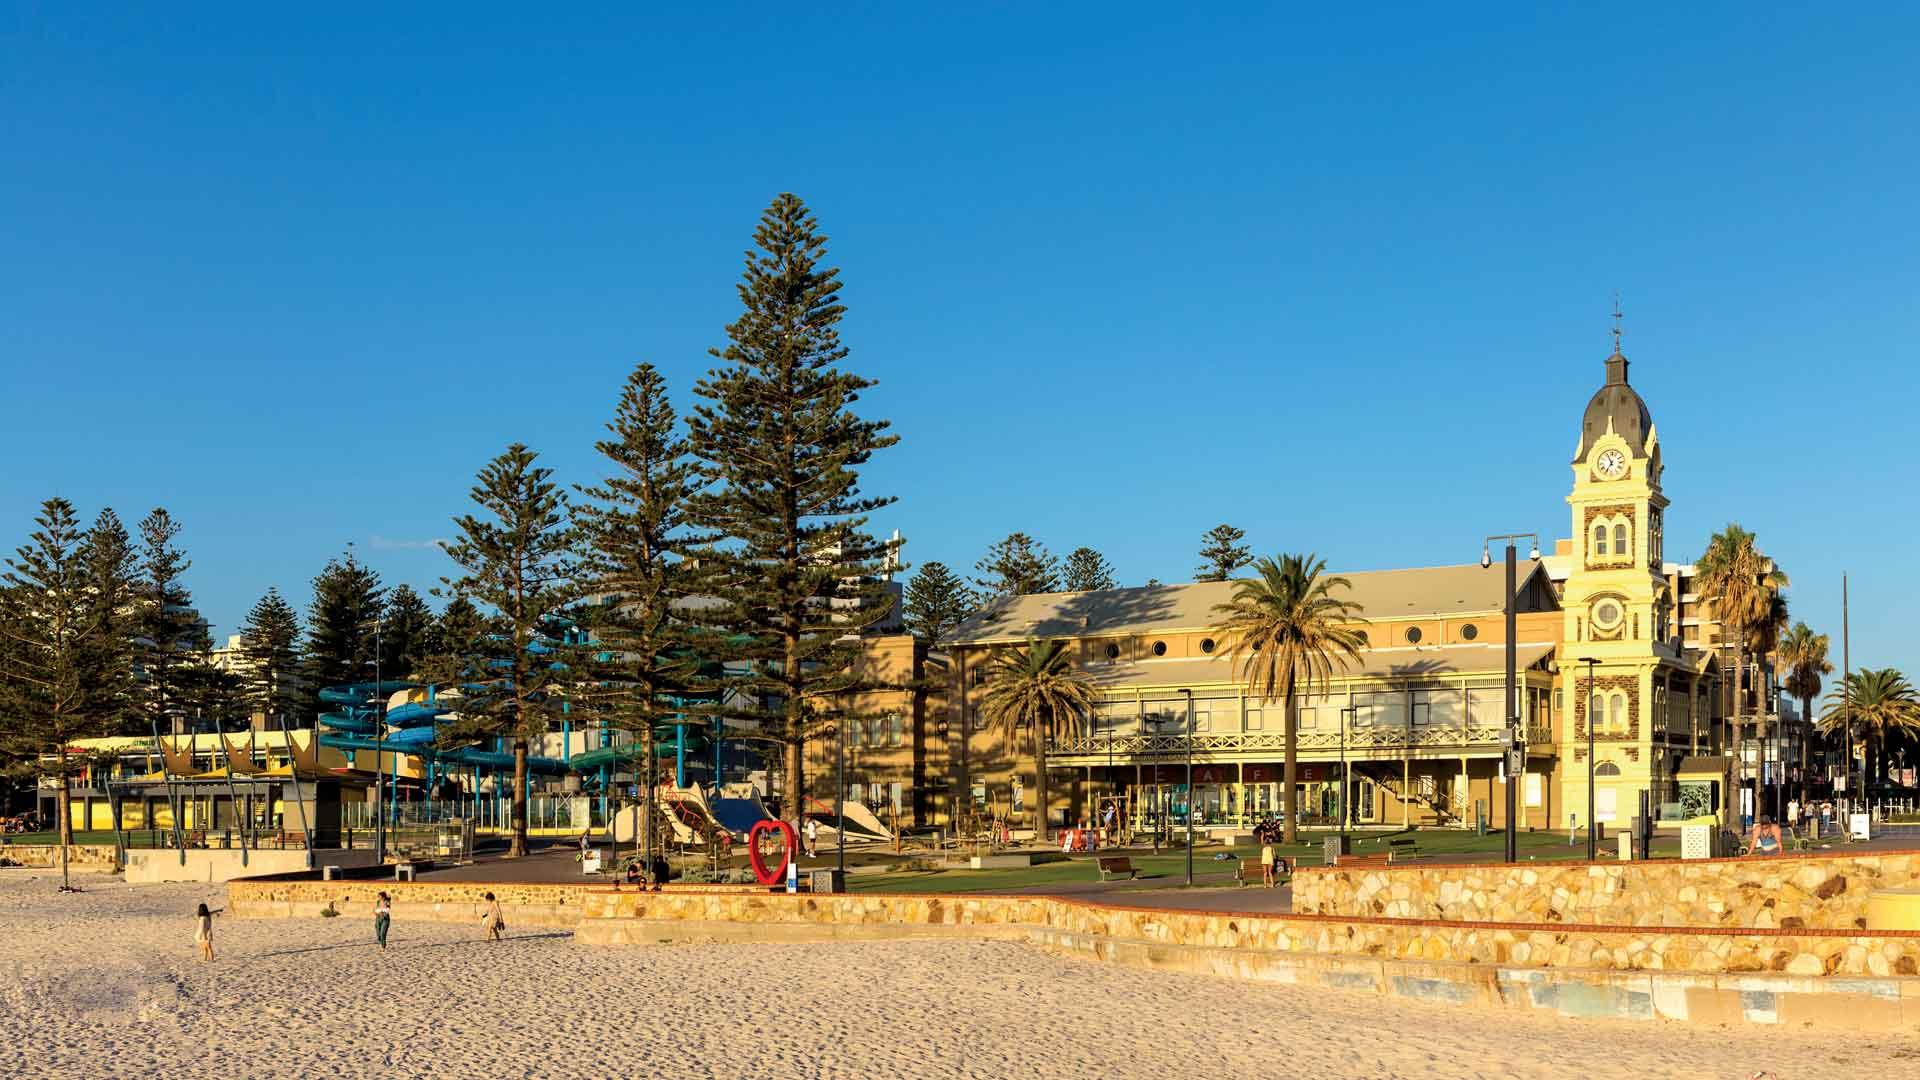 ¿Qué hacer en Adelaida, Australia?